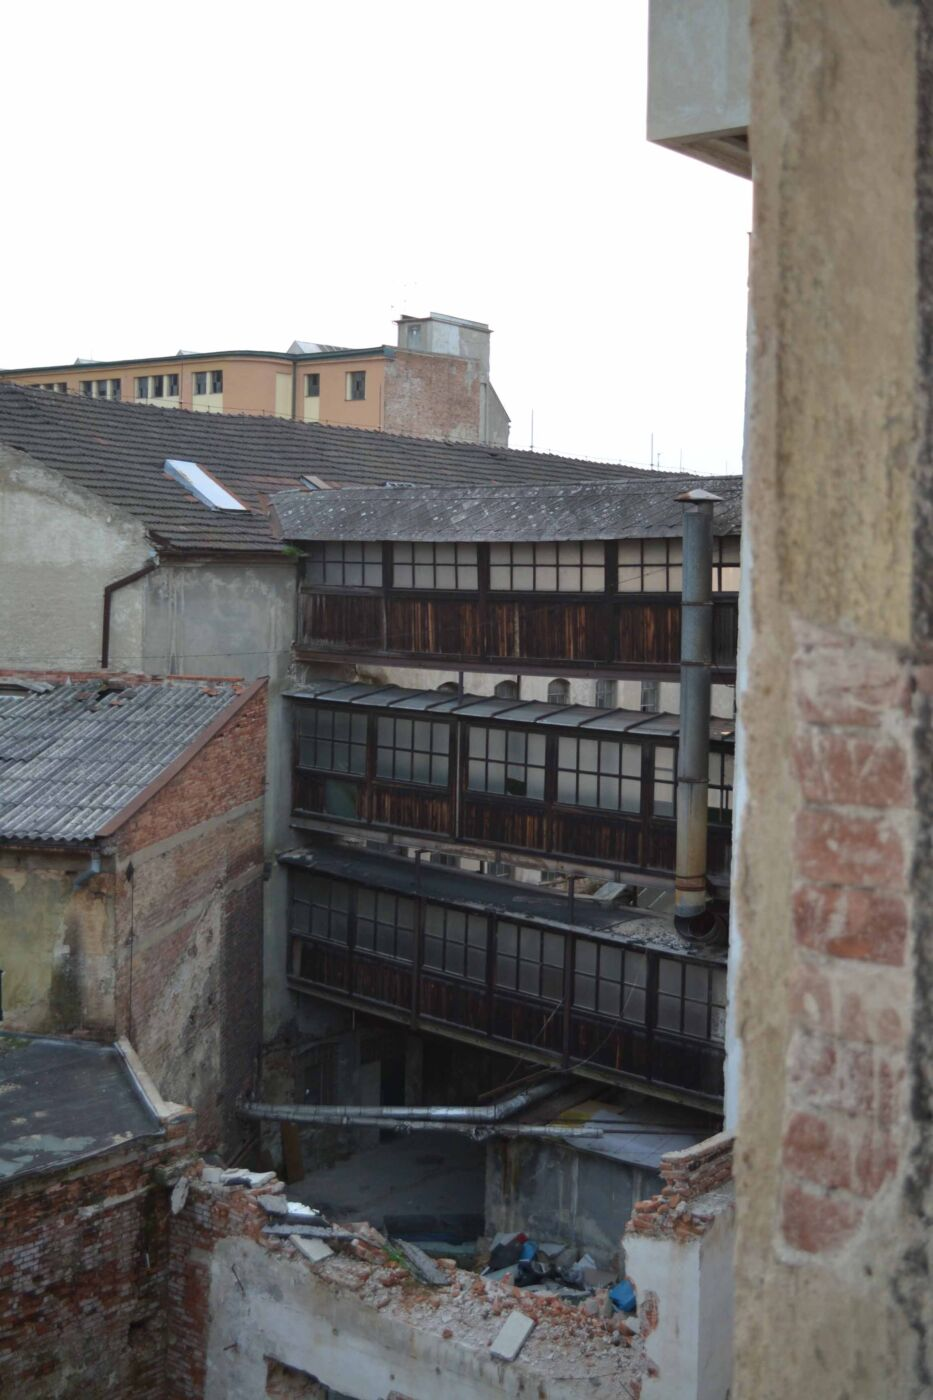 Komentovaná prohlídka Vlněny, říjen 2014